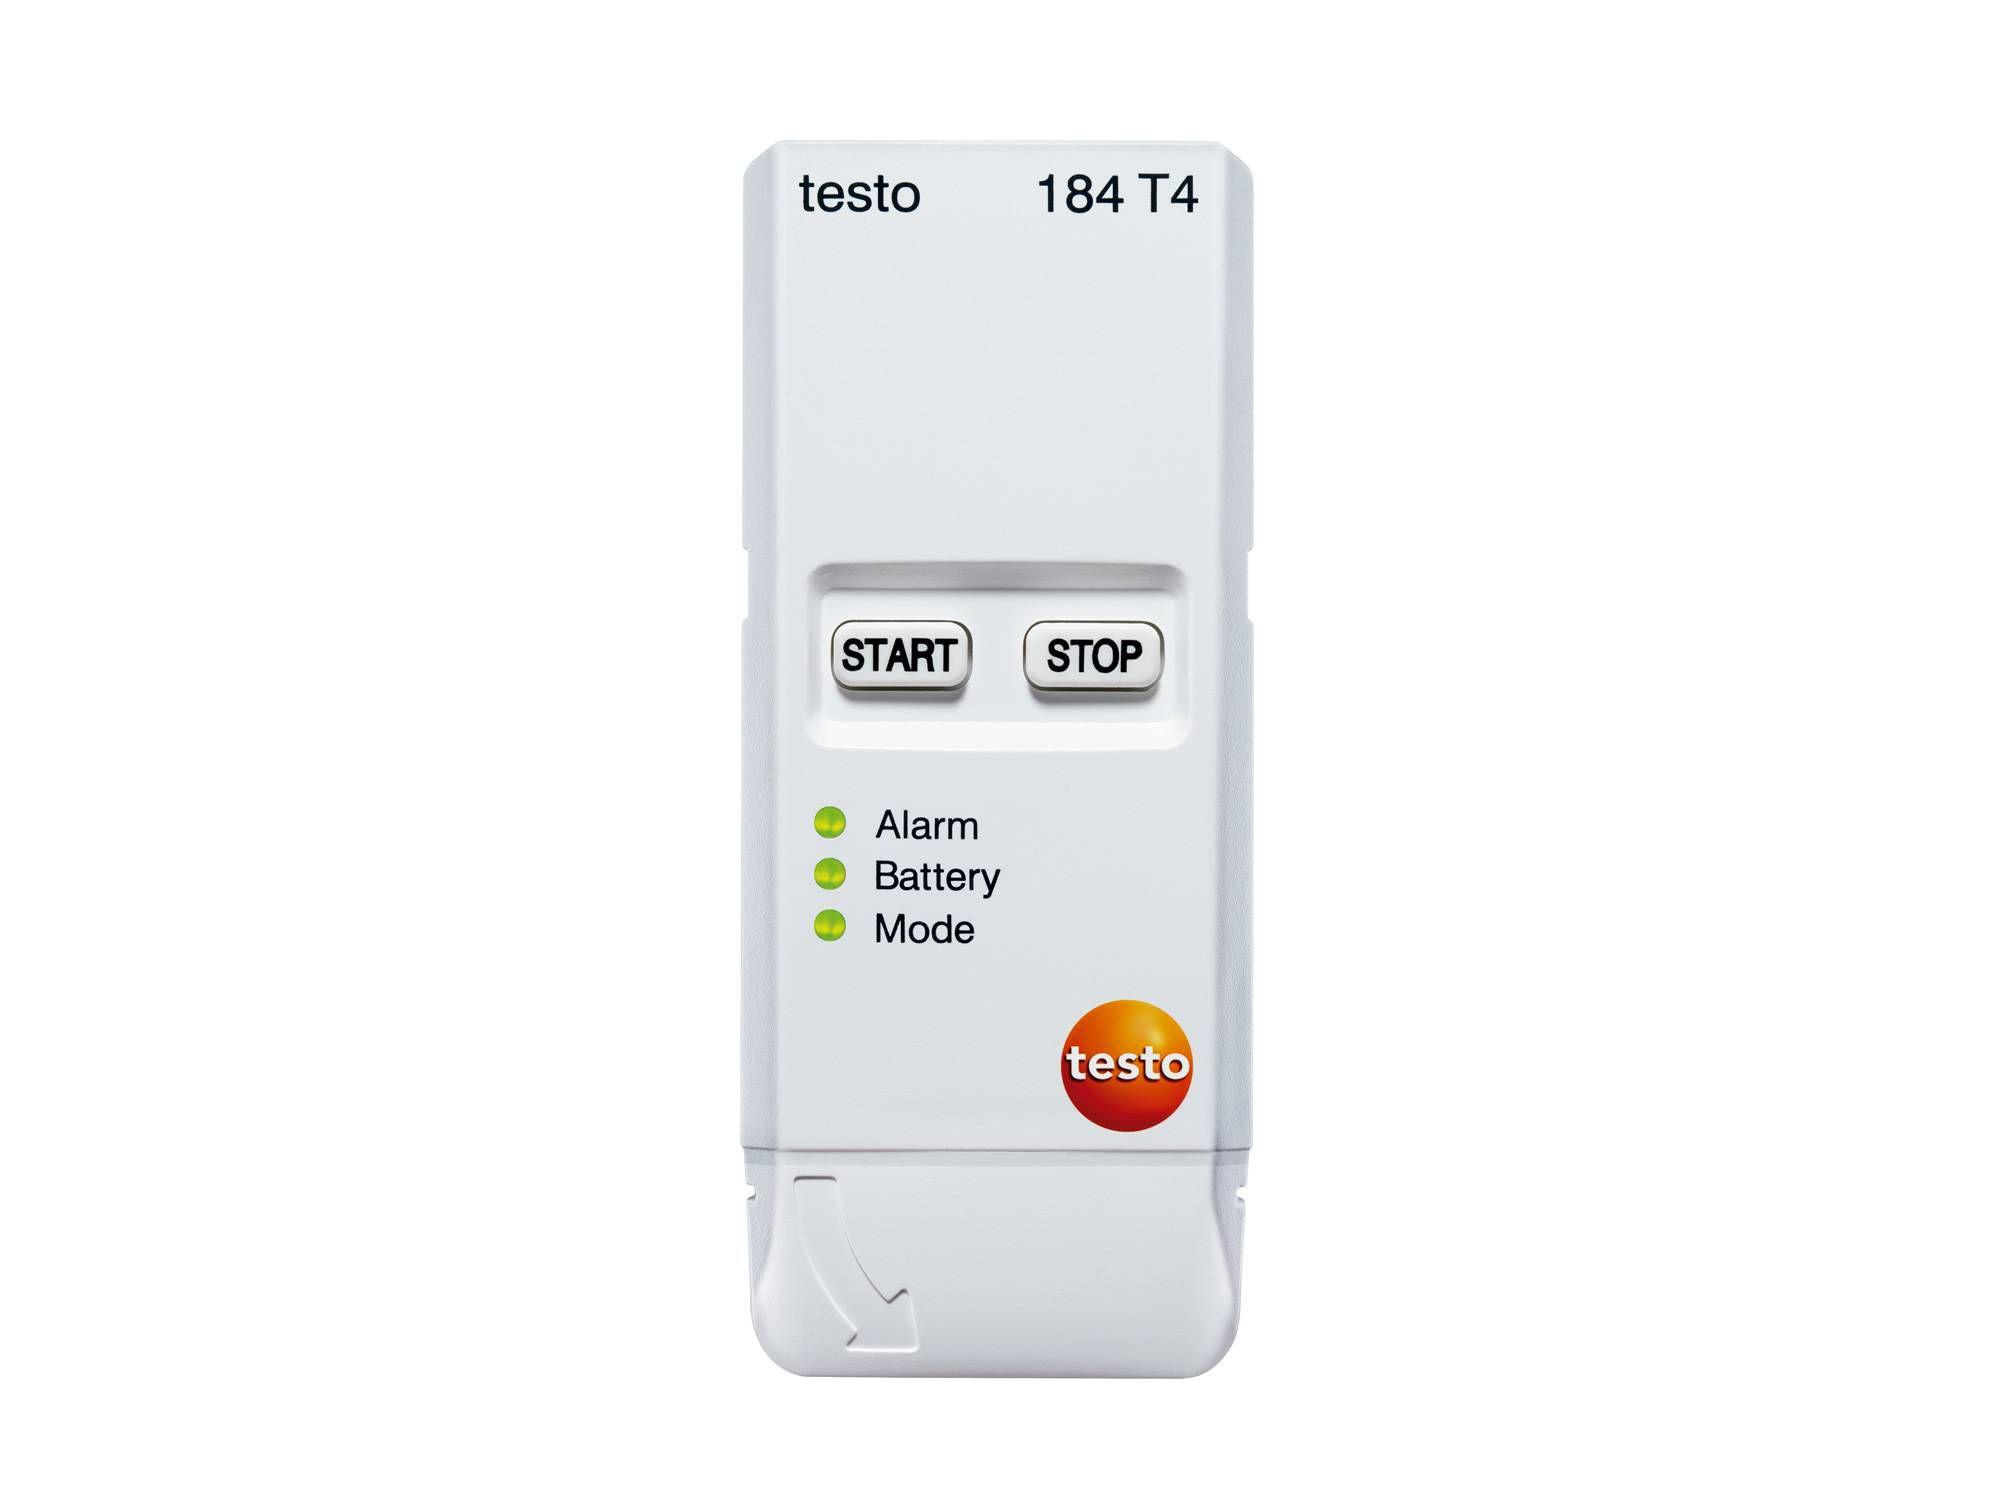 Monitor de temperaturas bajas hasta -80 ºC testo 184 T4